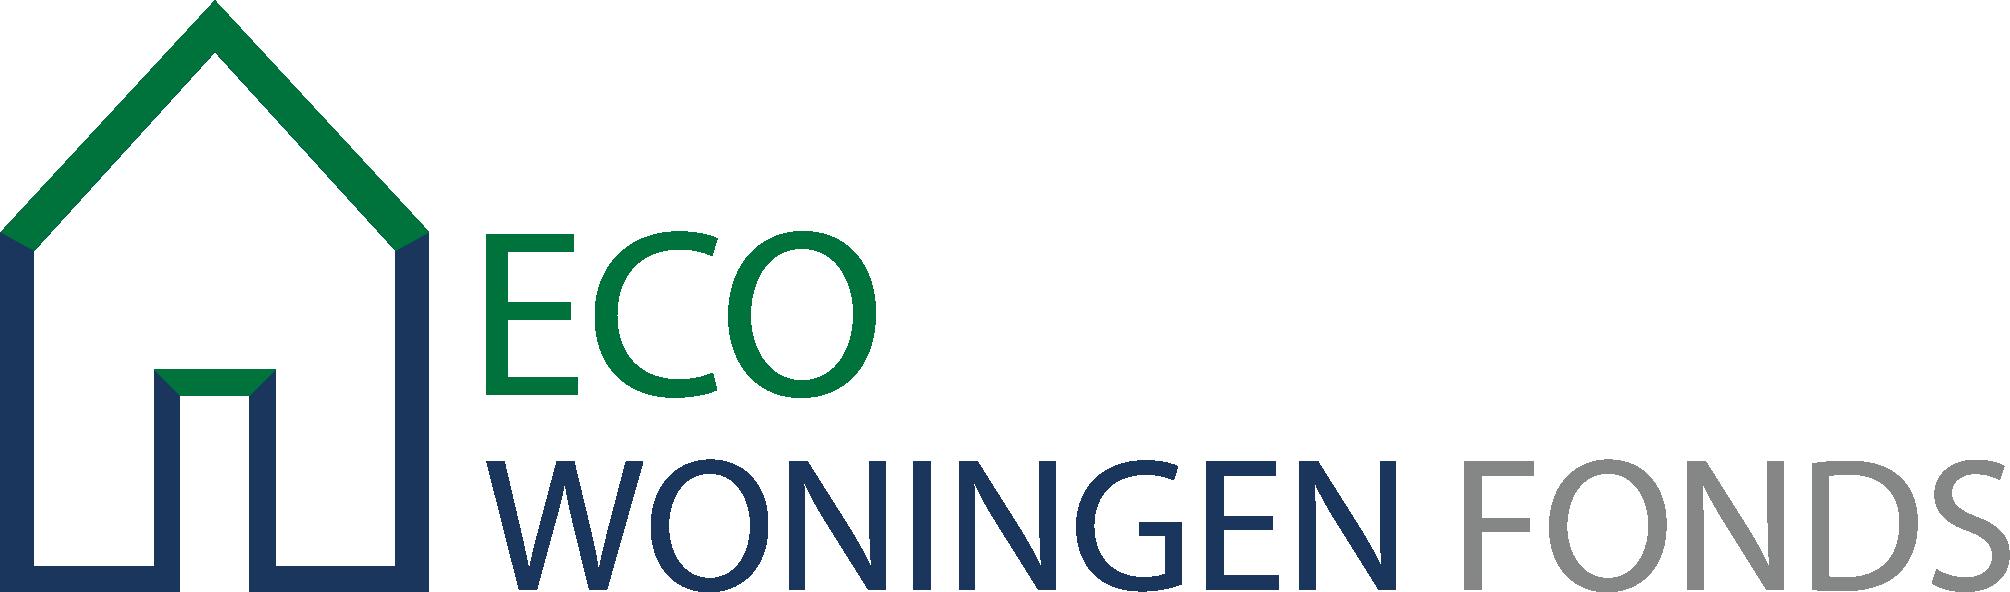 Ecowoningen Fonds - beleggen met belastingvoordeel